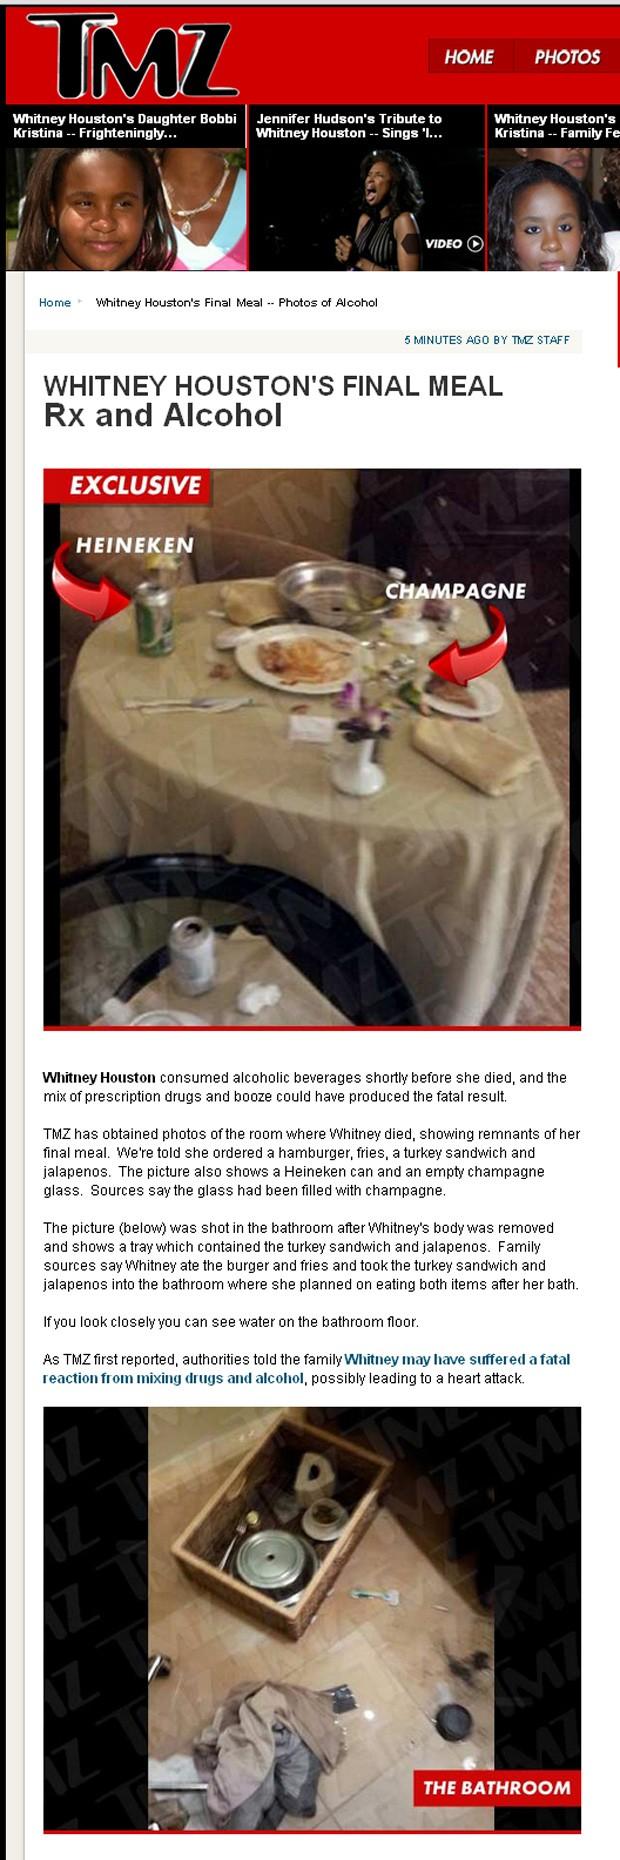 Fotos do quarto de hotel onde Whitney morreu (Foto: TMZ / Reprodução)